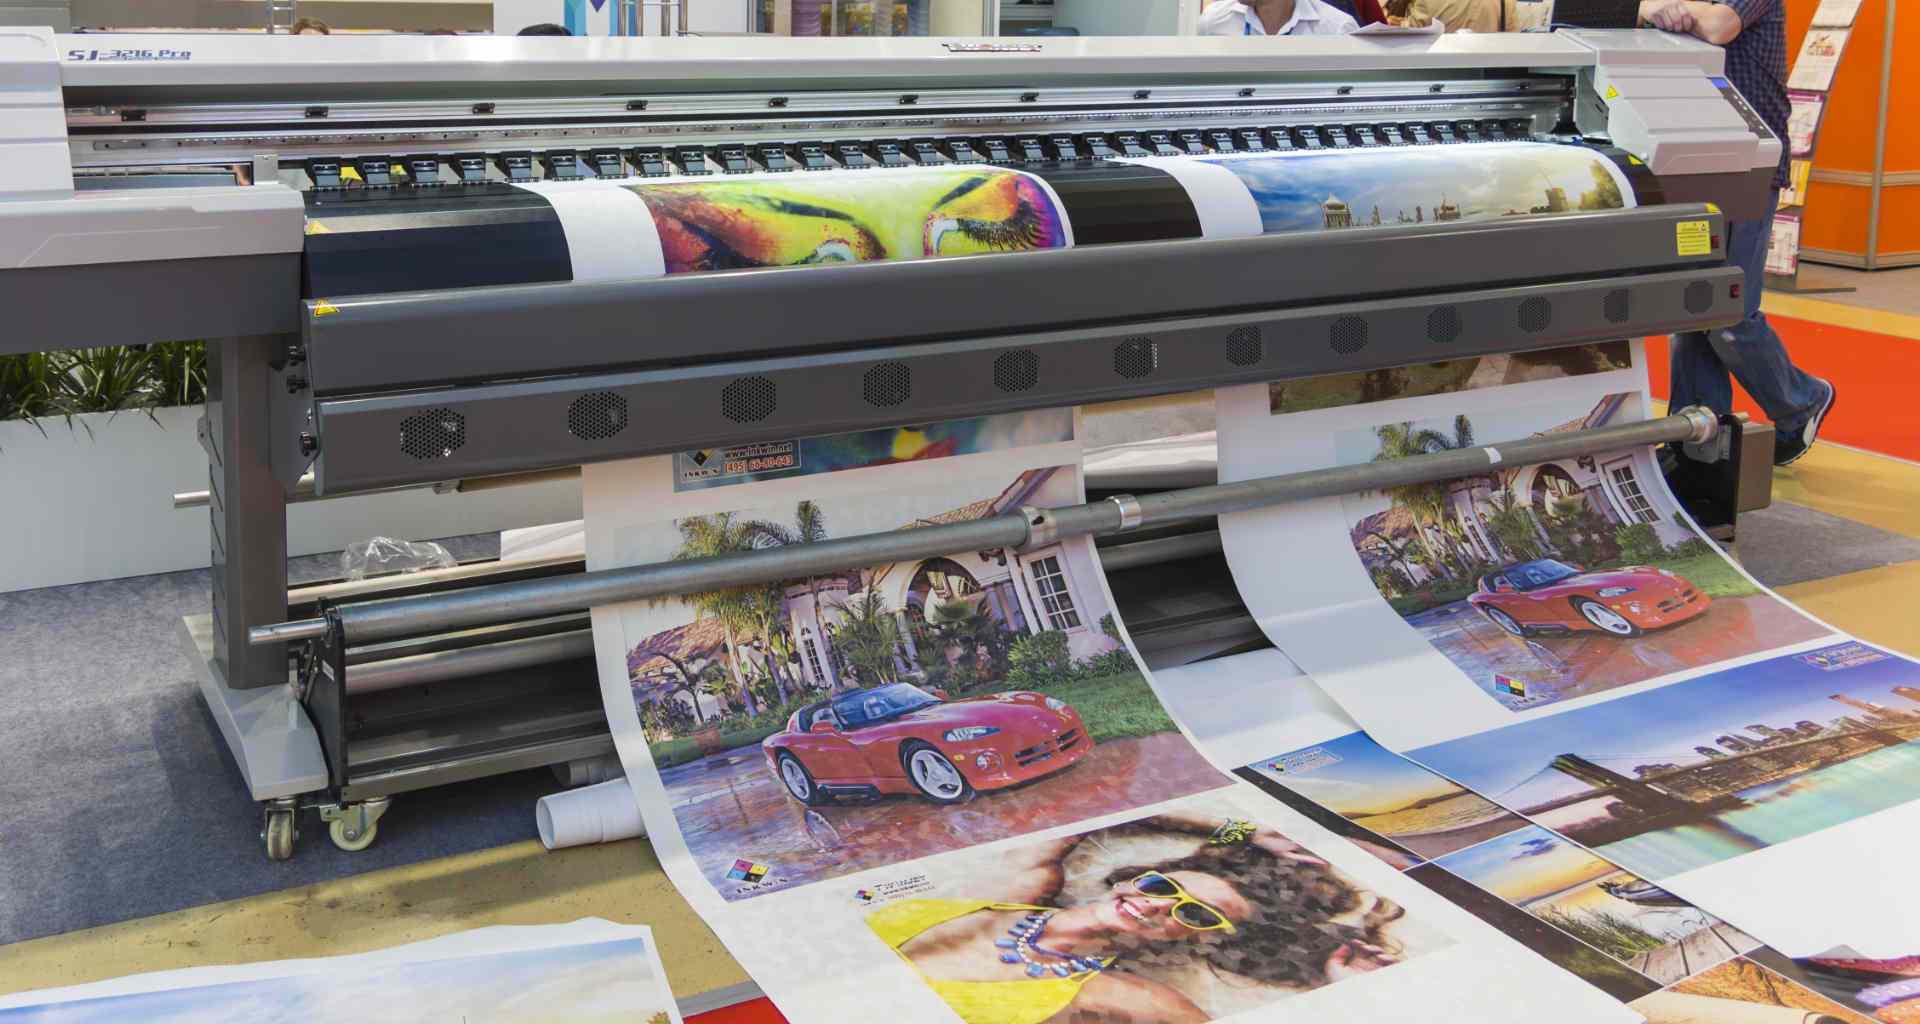 Potrebujete tiskarske storitve za vaš projekt? Pomagali vam bomo najti pravega tiskarja za vas